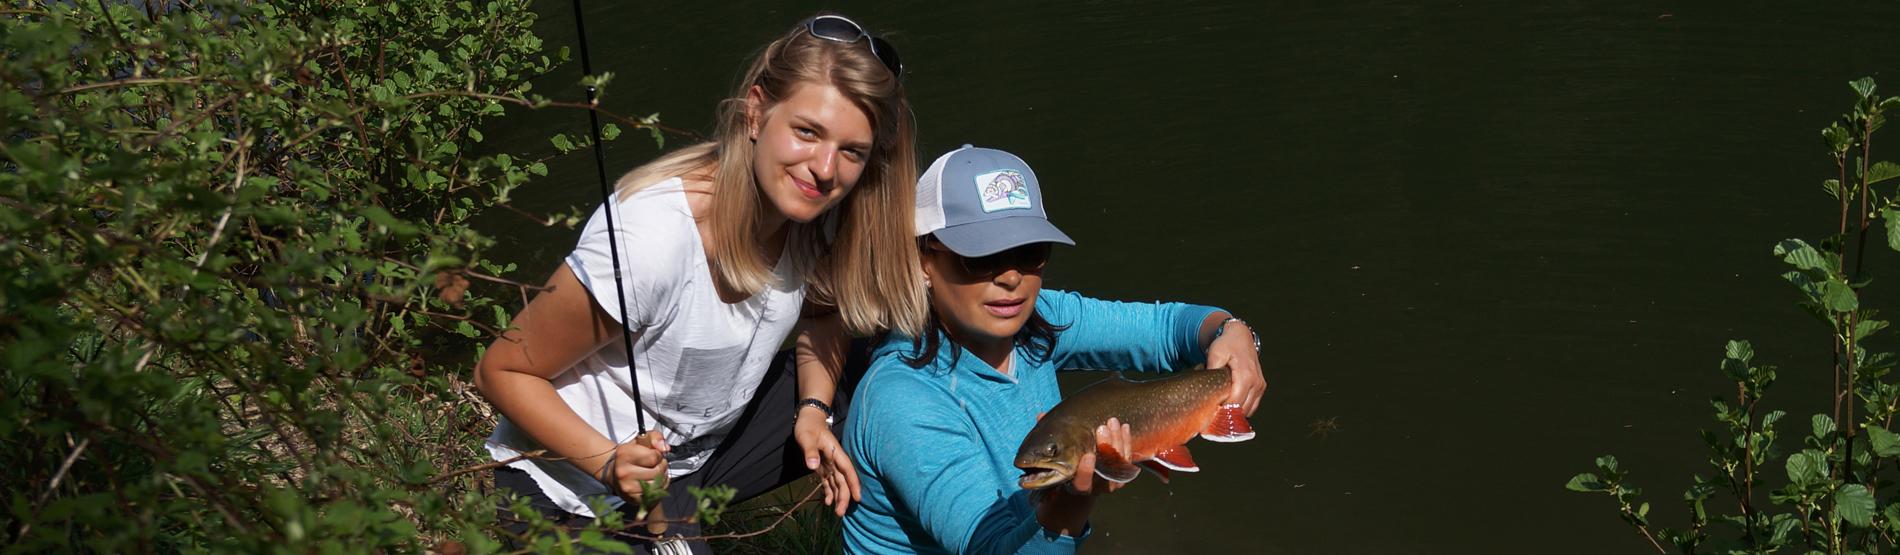 Fliegenfischerkurs in NRW für Damen